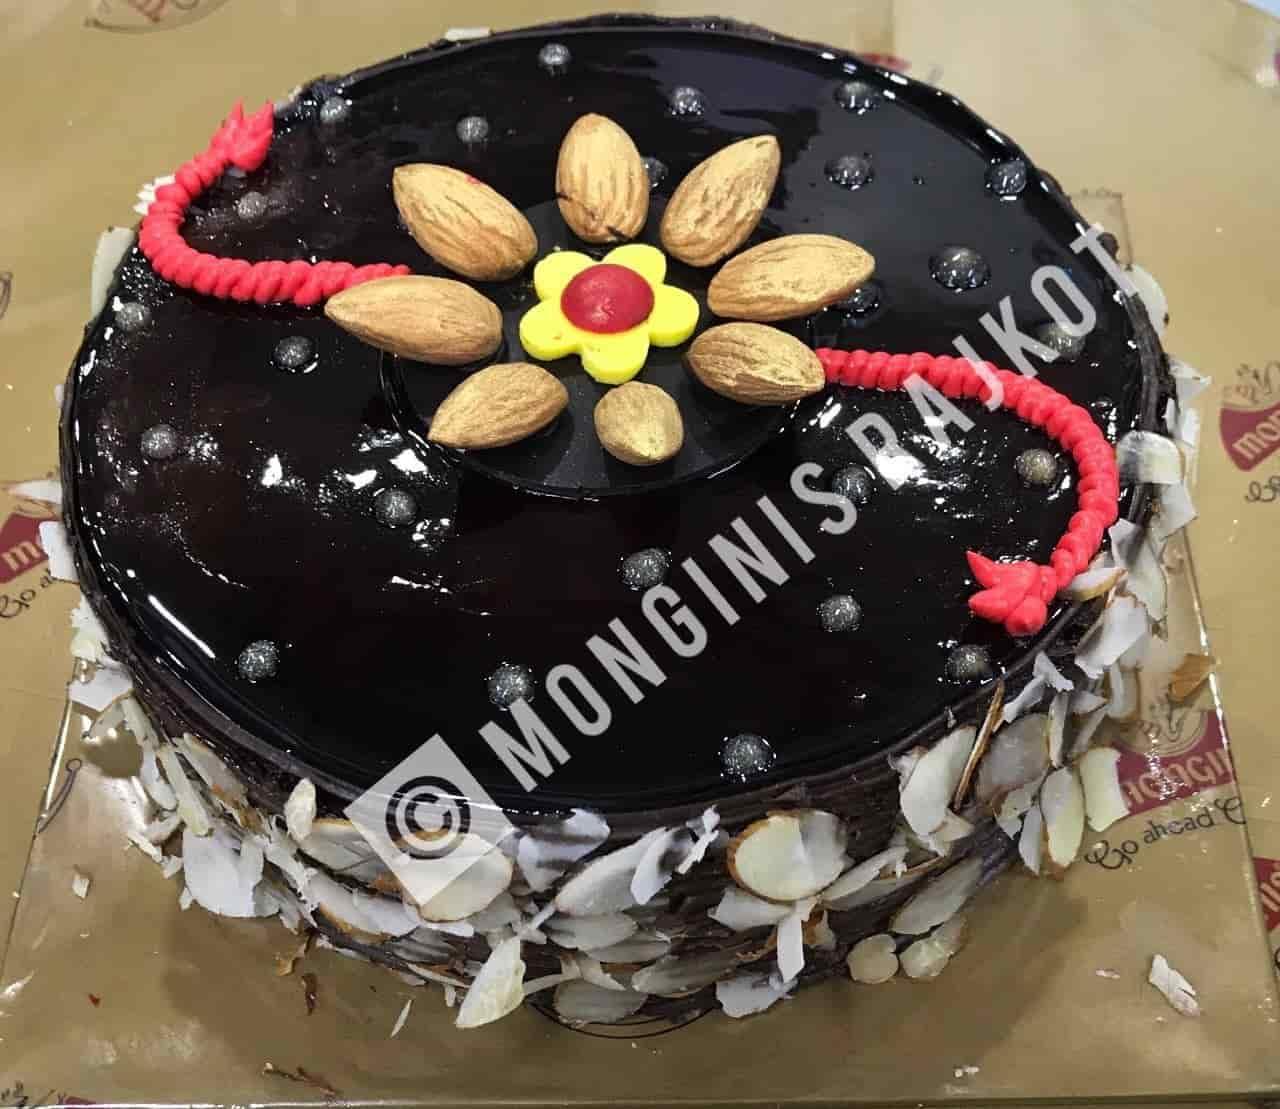 Monginis The Cake Shop Rajkot Raiya Road Rajkot Cake Shops